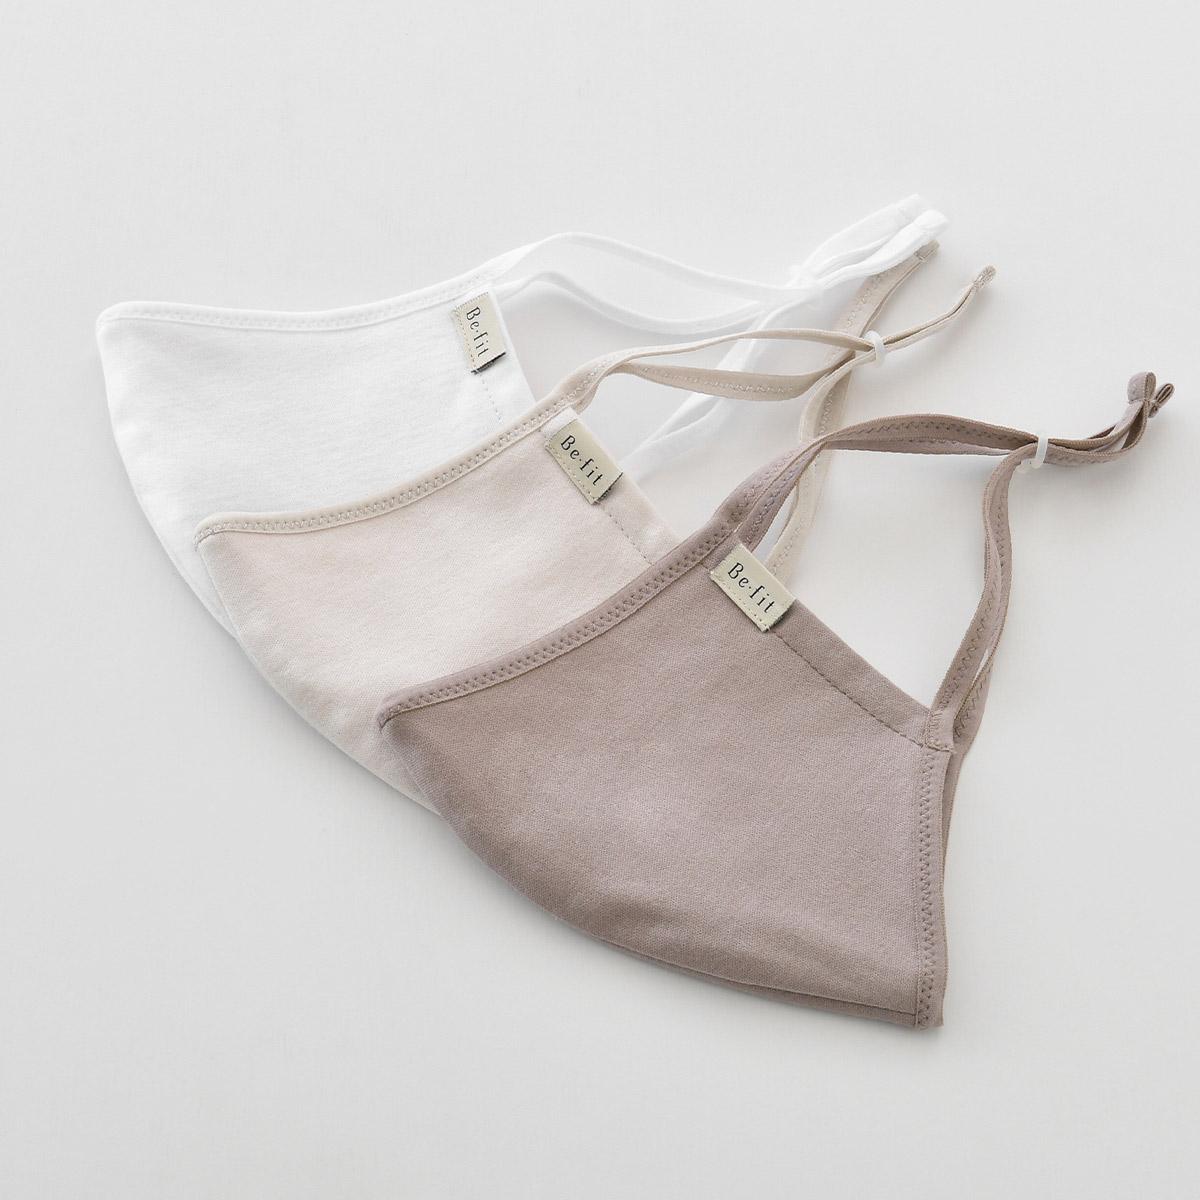 【ビーフィット】光電子®エステマスク(同色2色) | #Befit #マスク #光電子®繊維